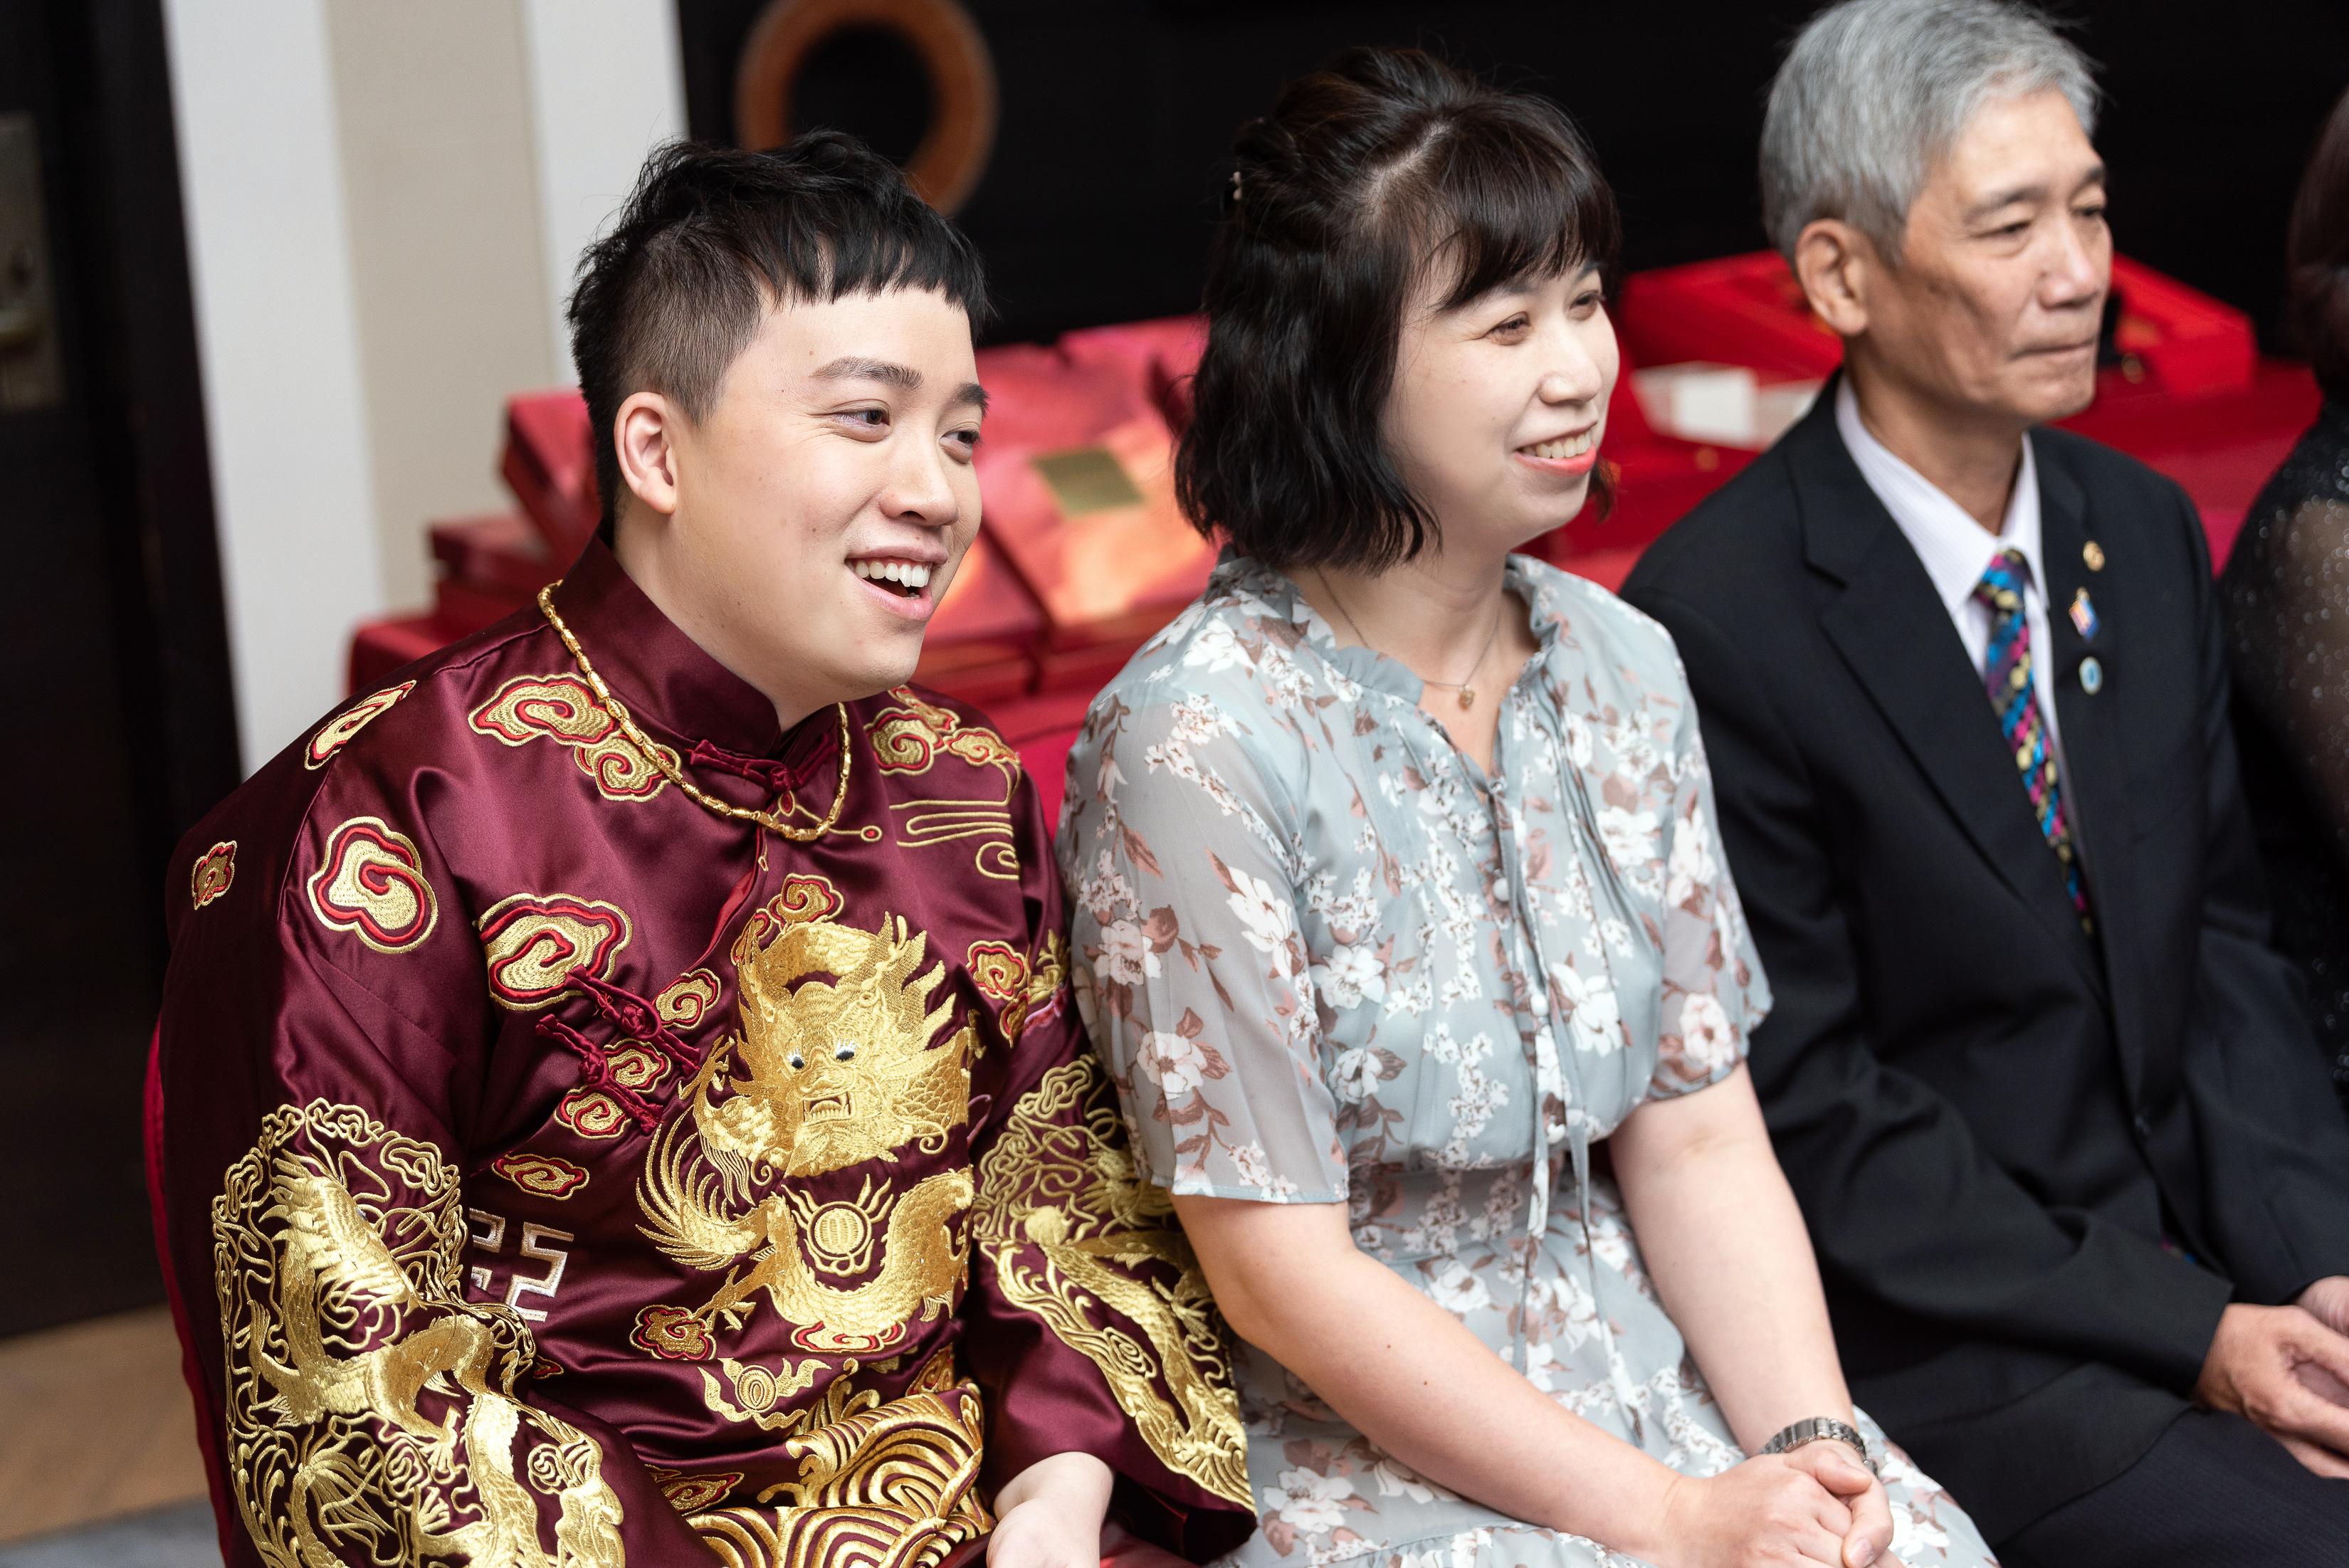 婚禮紀錄 婚攝小亮 推薦婚攝 台北婚攝 ptt推薦 文華東方 東方文華婚攝 大宴客廳